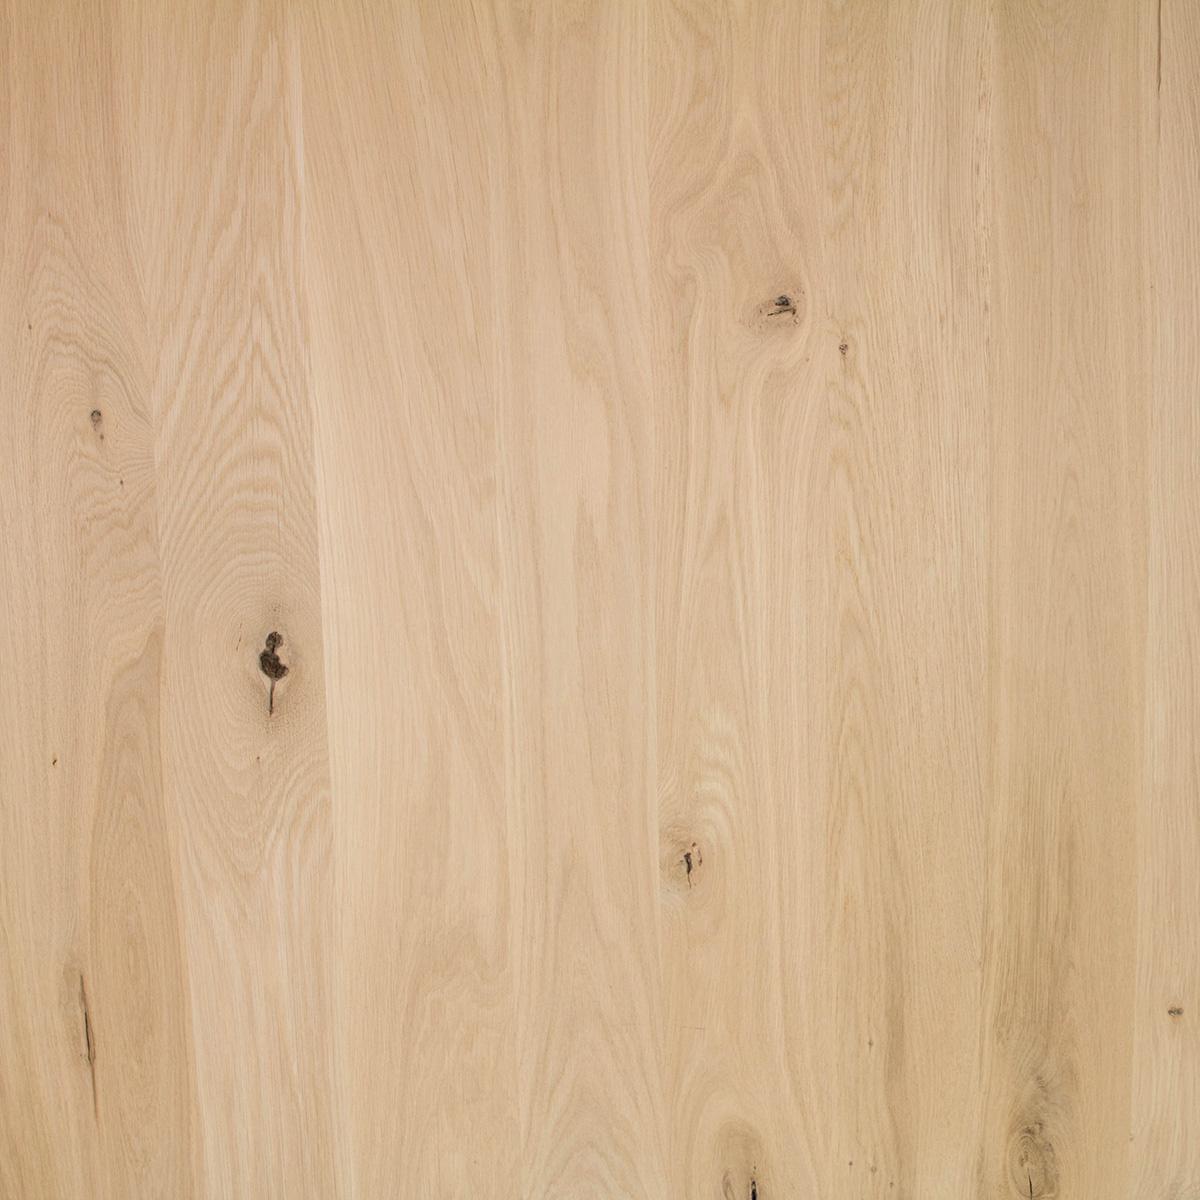 Eiken H-tafelpoten (SET - 2 stuks) 10x10cm - 85 cm breed - 72 cm hoog -  H-poot van Rustiek eikenhout - verlijmd kd 8-12%